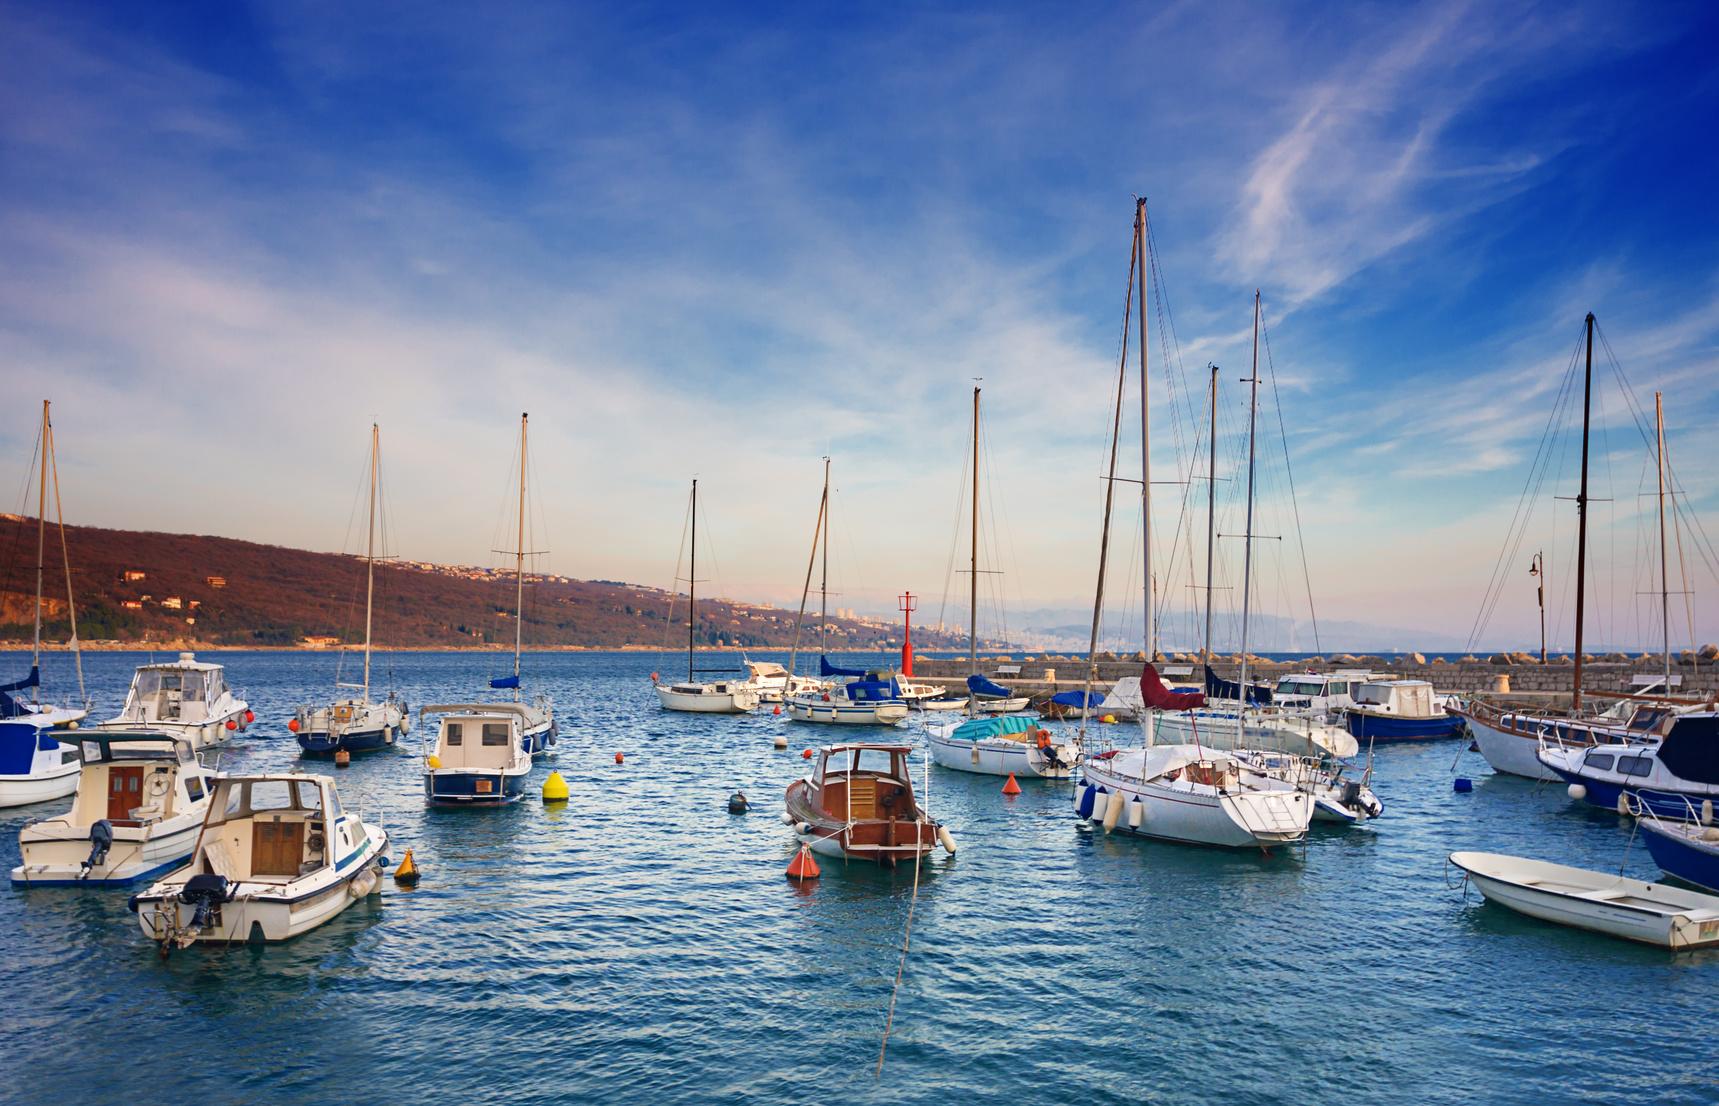 marina in Opatija. Croatia.